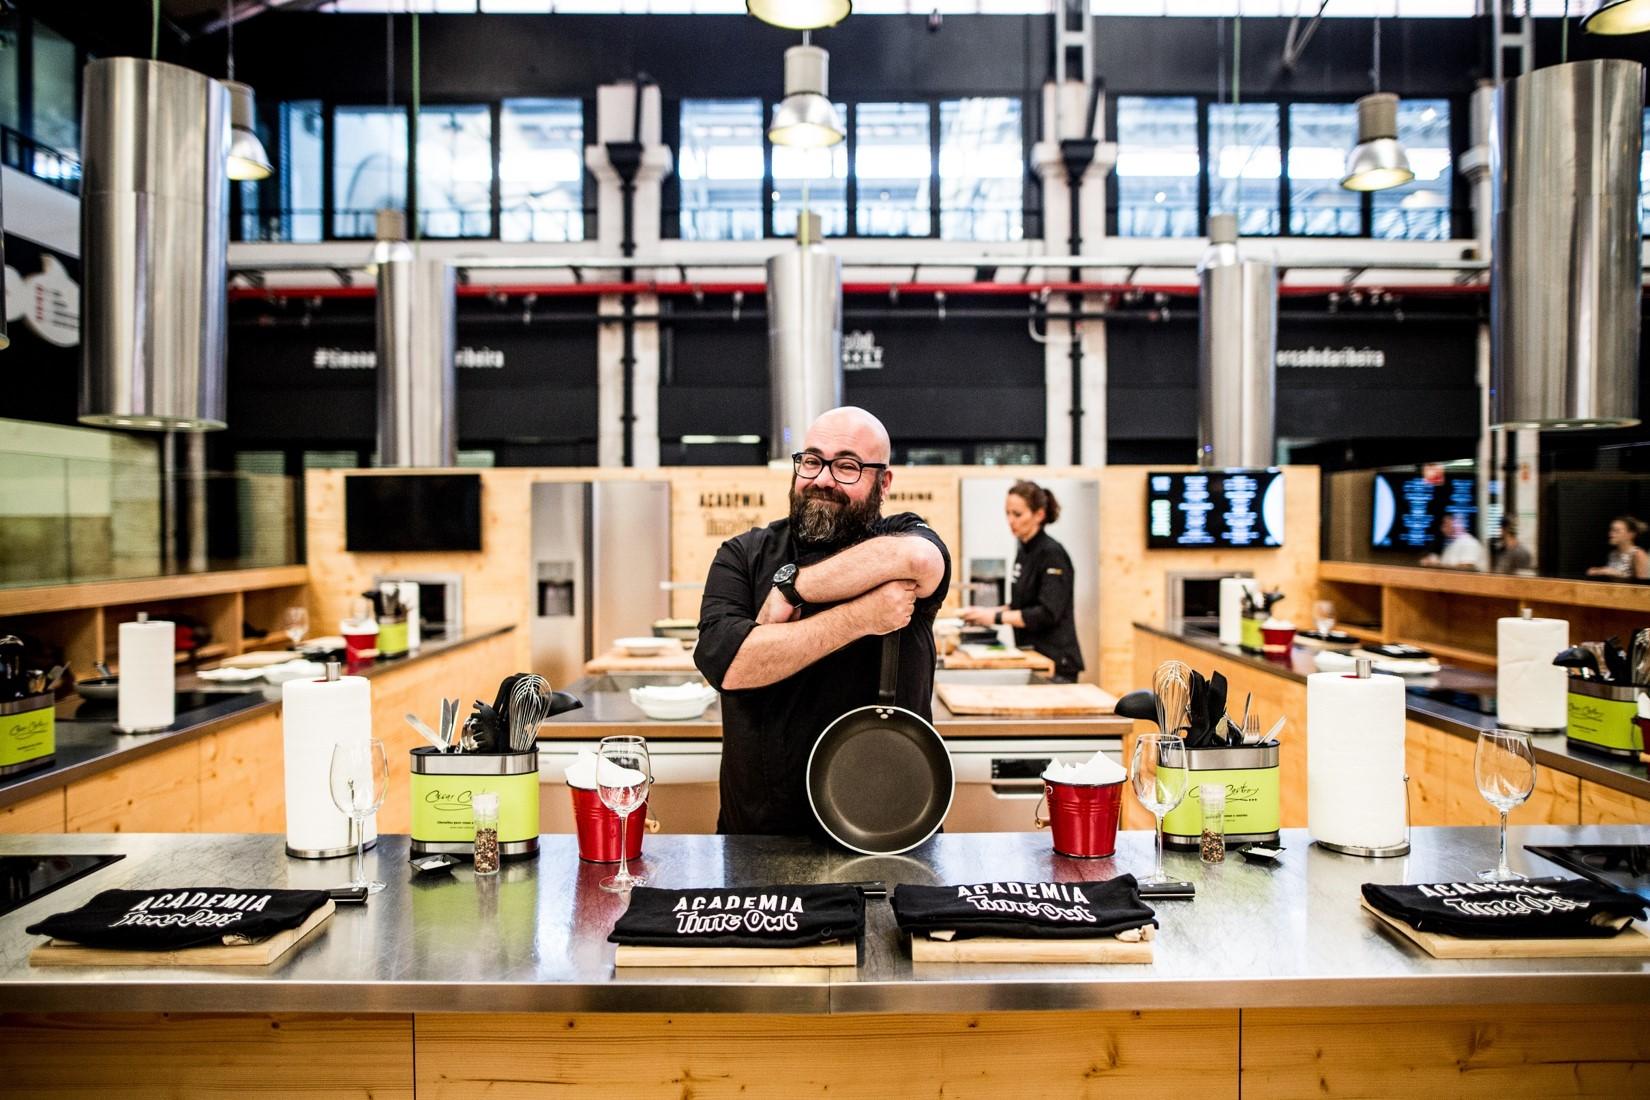 Lisboa: Regresso às aulas com 11 cursos na Escola de Cozinha do Mercado